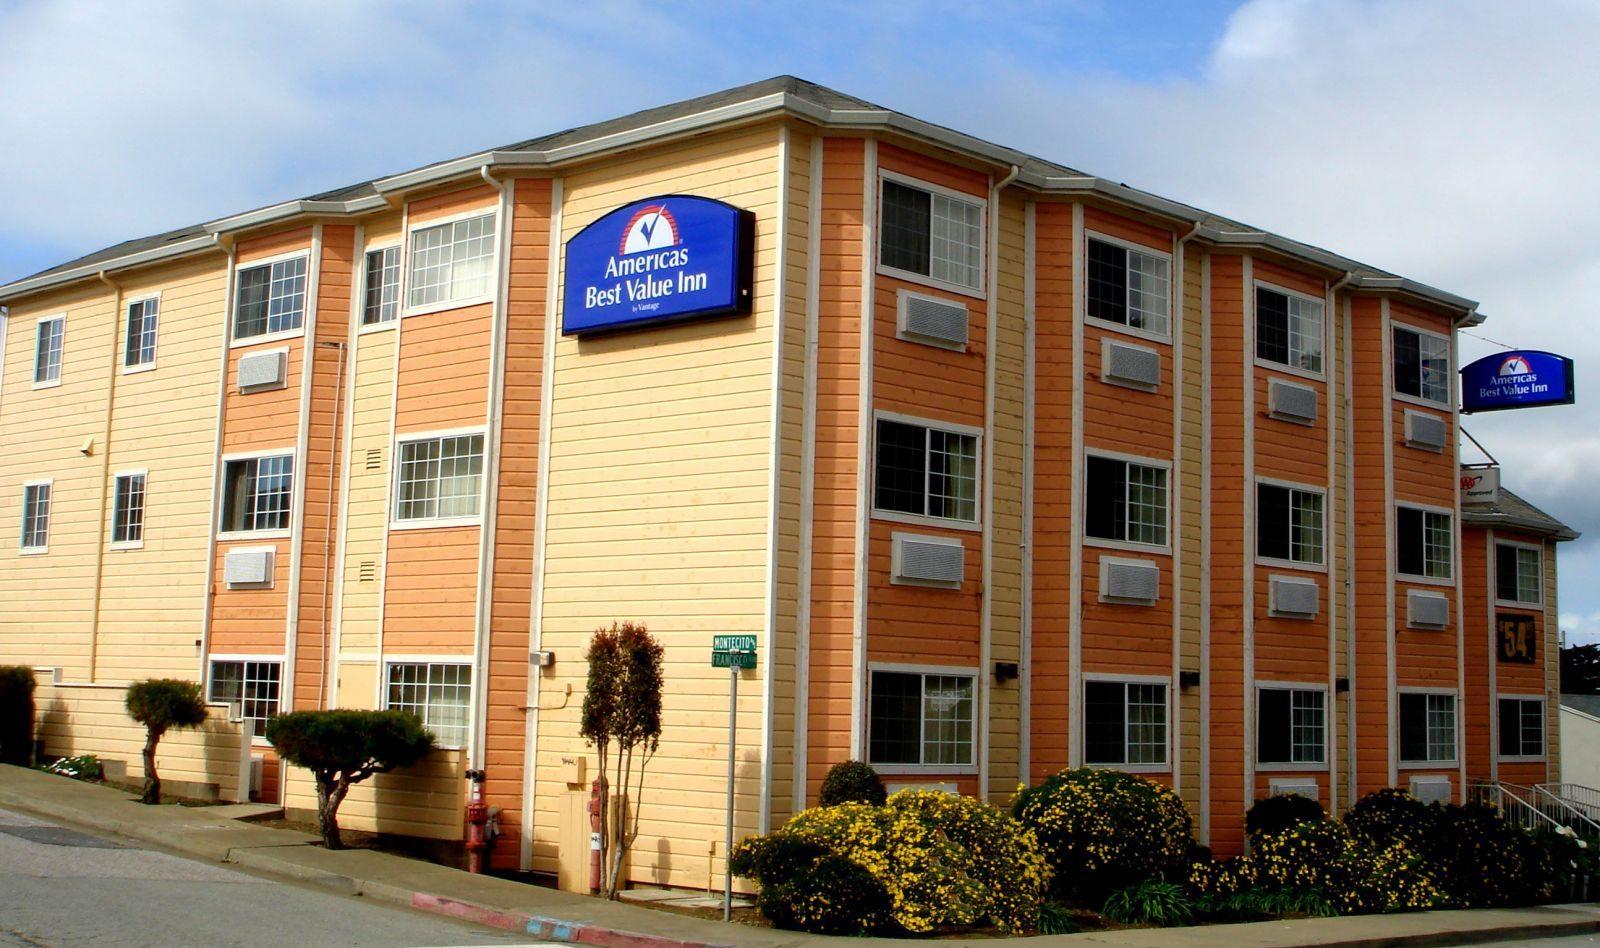 America's Best Value Inn Building